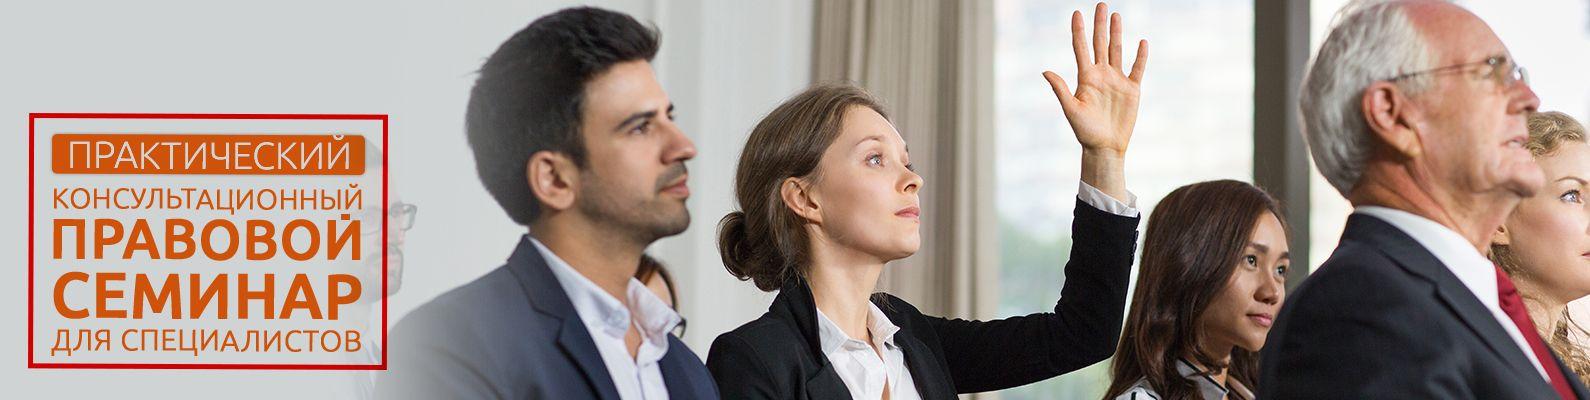 практический консультационный правовой семинар специалистов массажистов косметологов